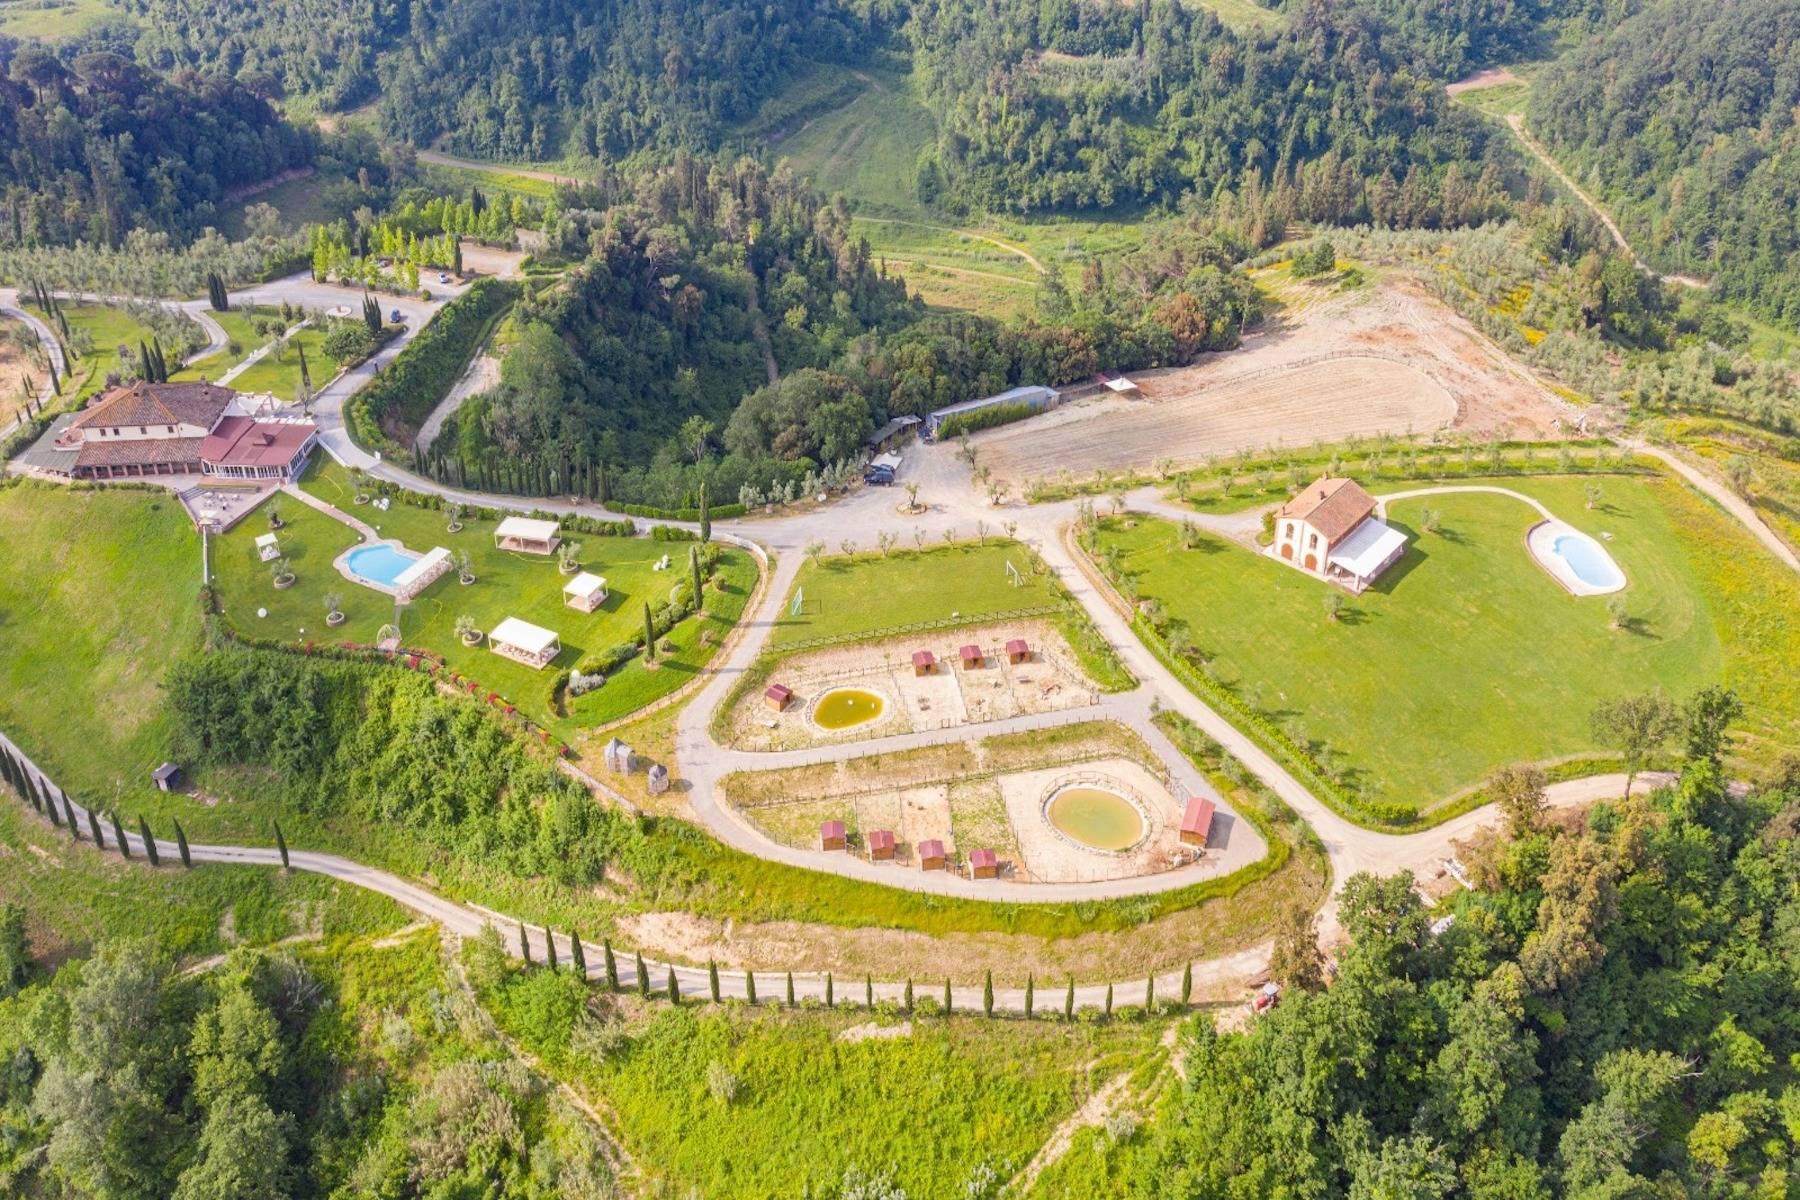 Wunderschönes Anwesen mit 202 Hektar Land im Herzen der Toskana - 3